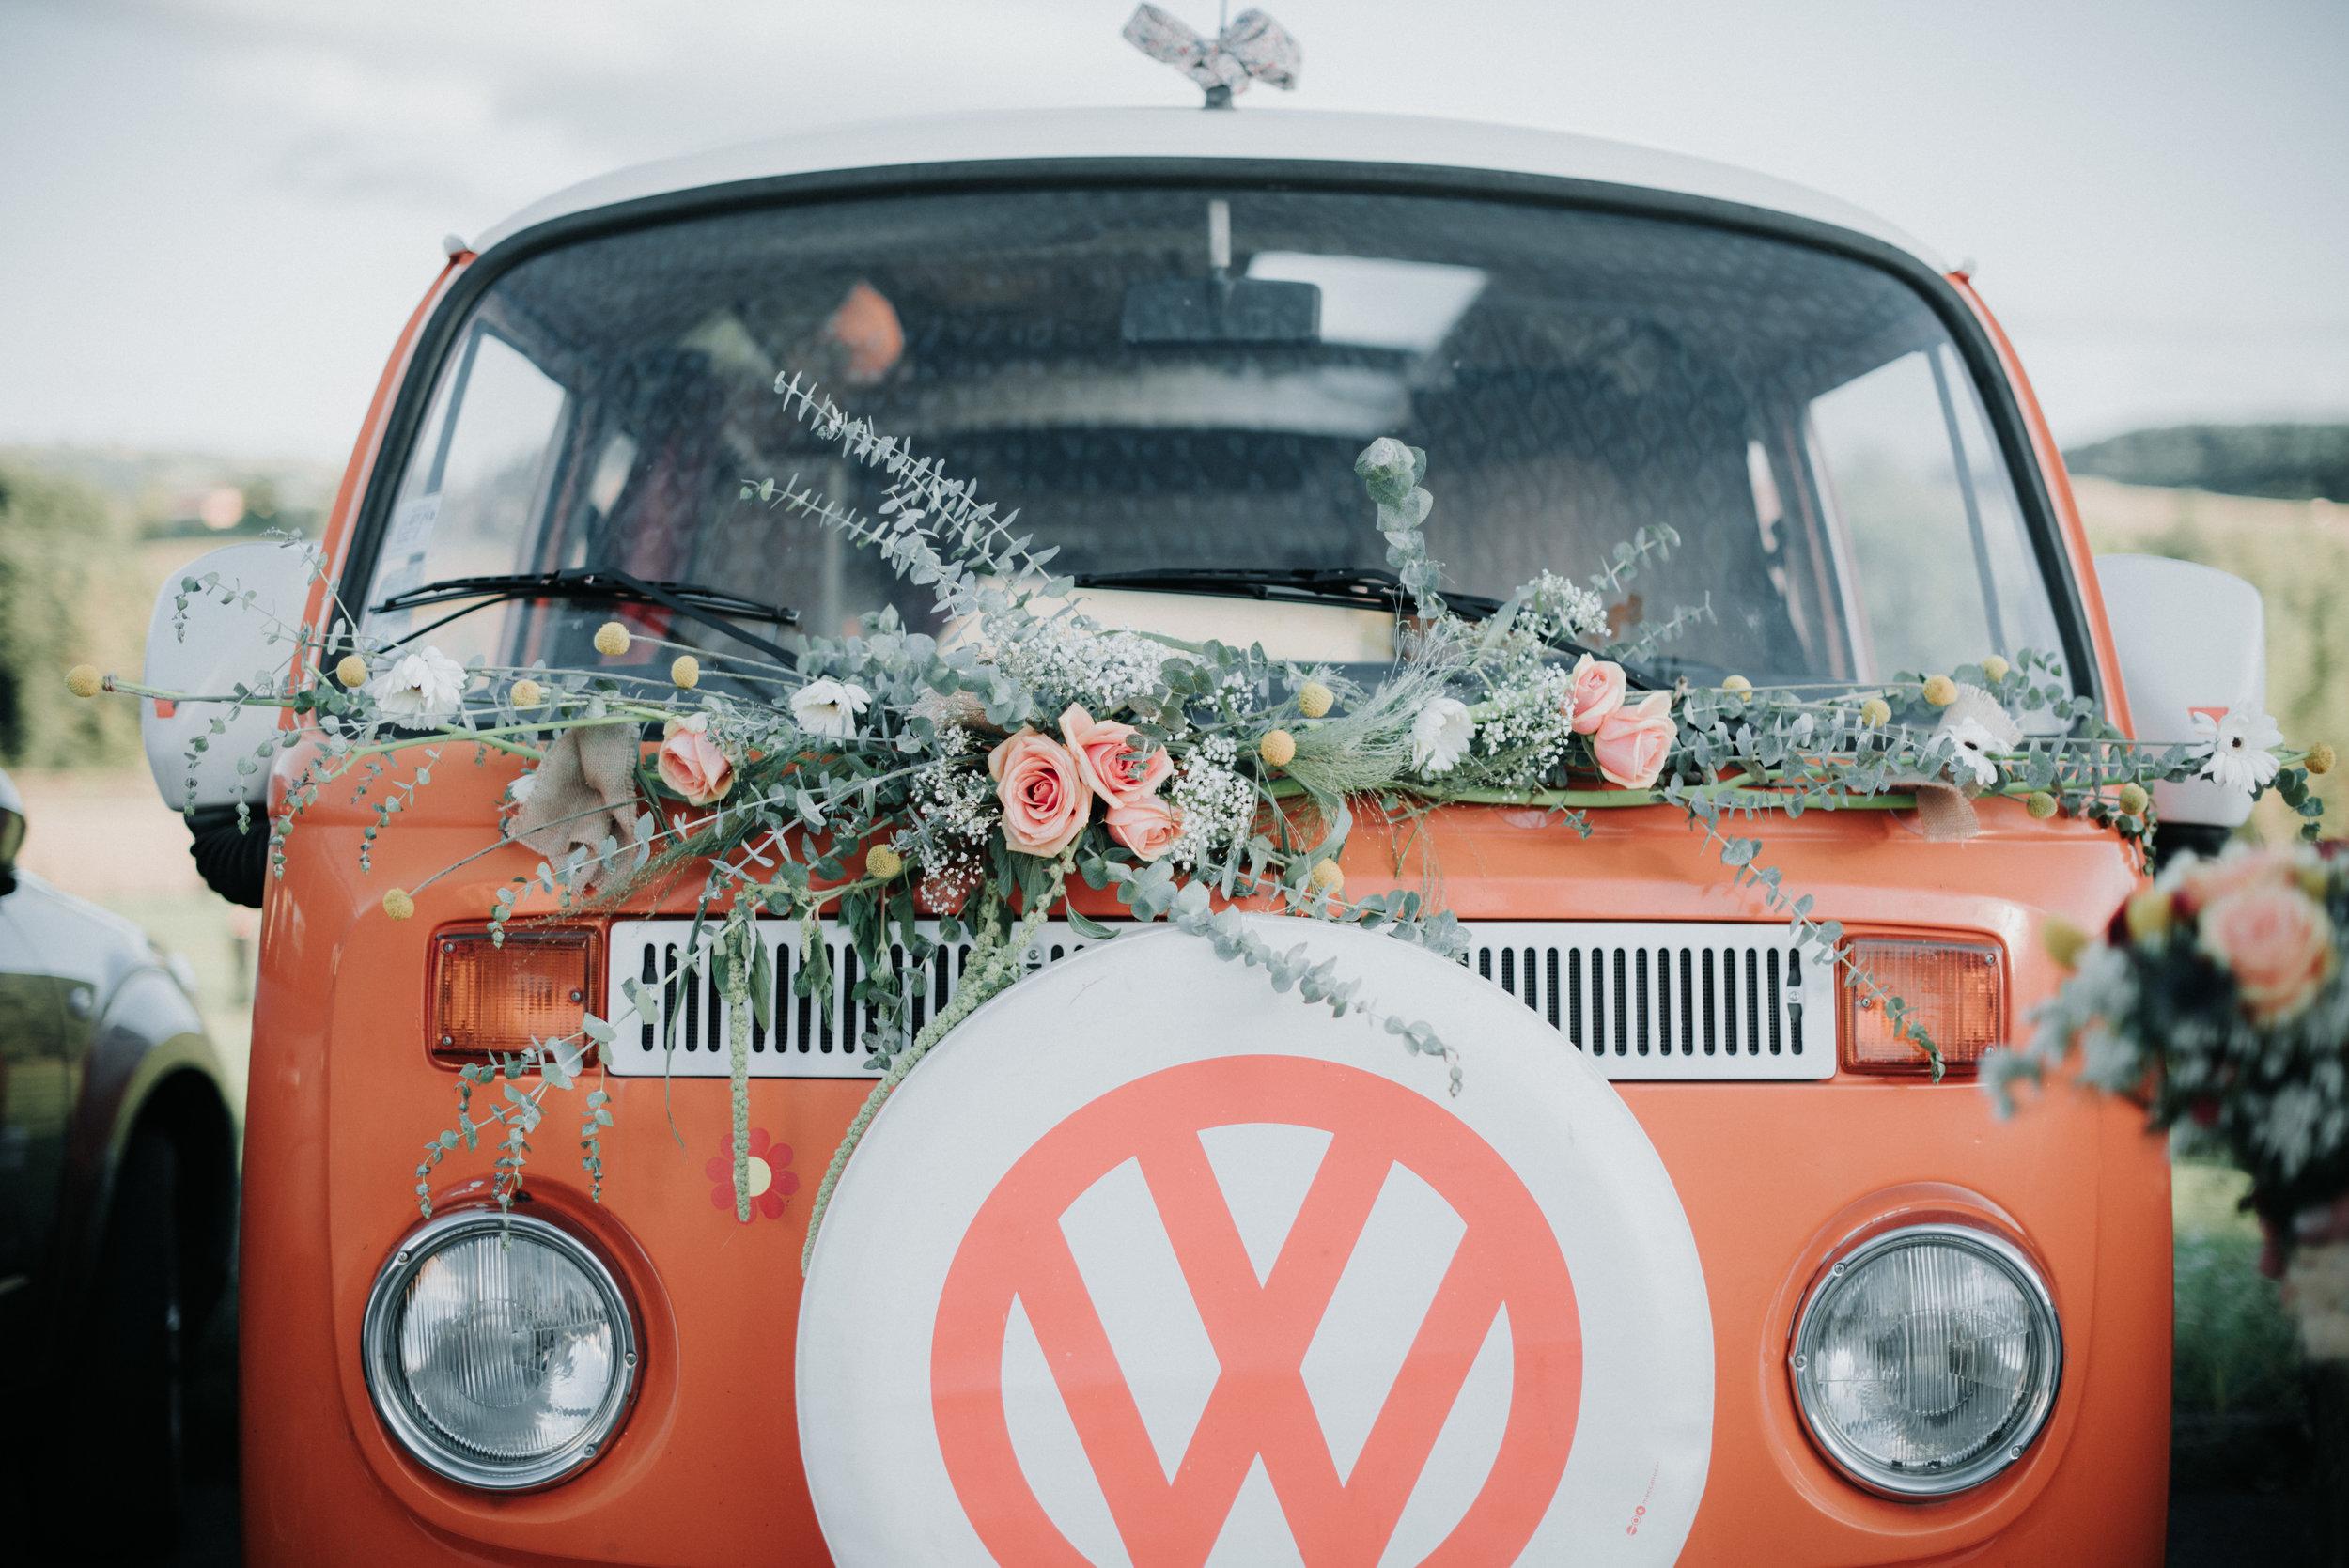 Léa-Fery-photographe-professionnel-lyon-rhone-alpes-portrait-creation-mariage-evenement-evenementiel-famille-8361.jpg